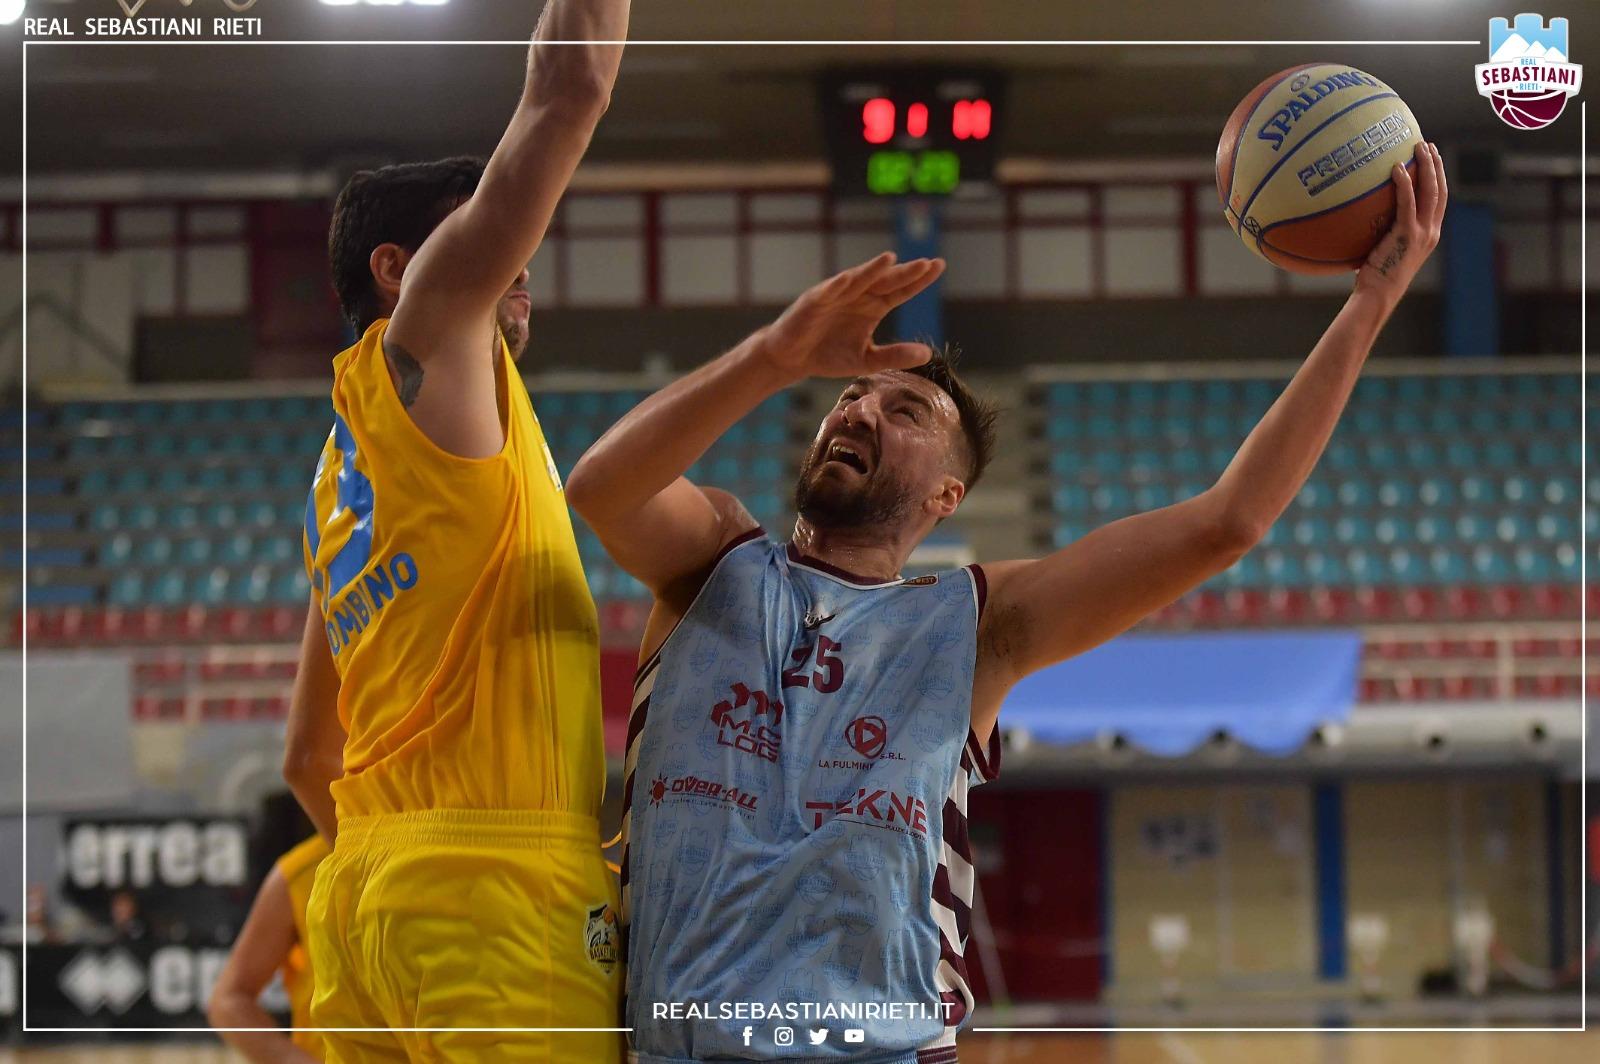 Real Sebastiani sabato contro l'Eurobasket, l'ultimo scrimmage pre-campionato